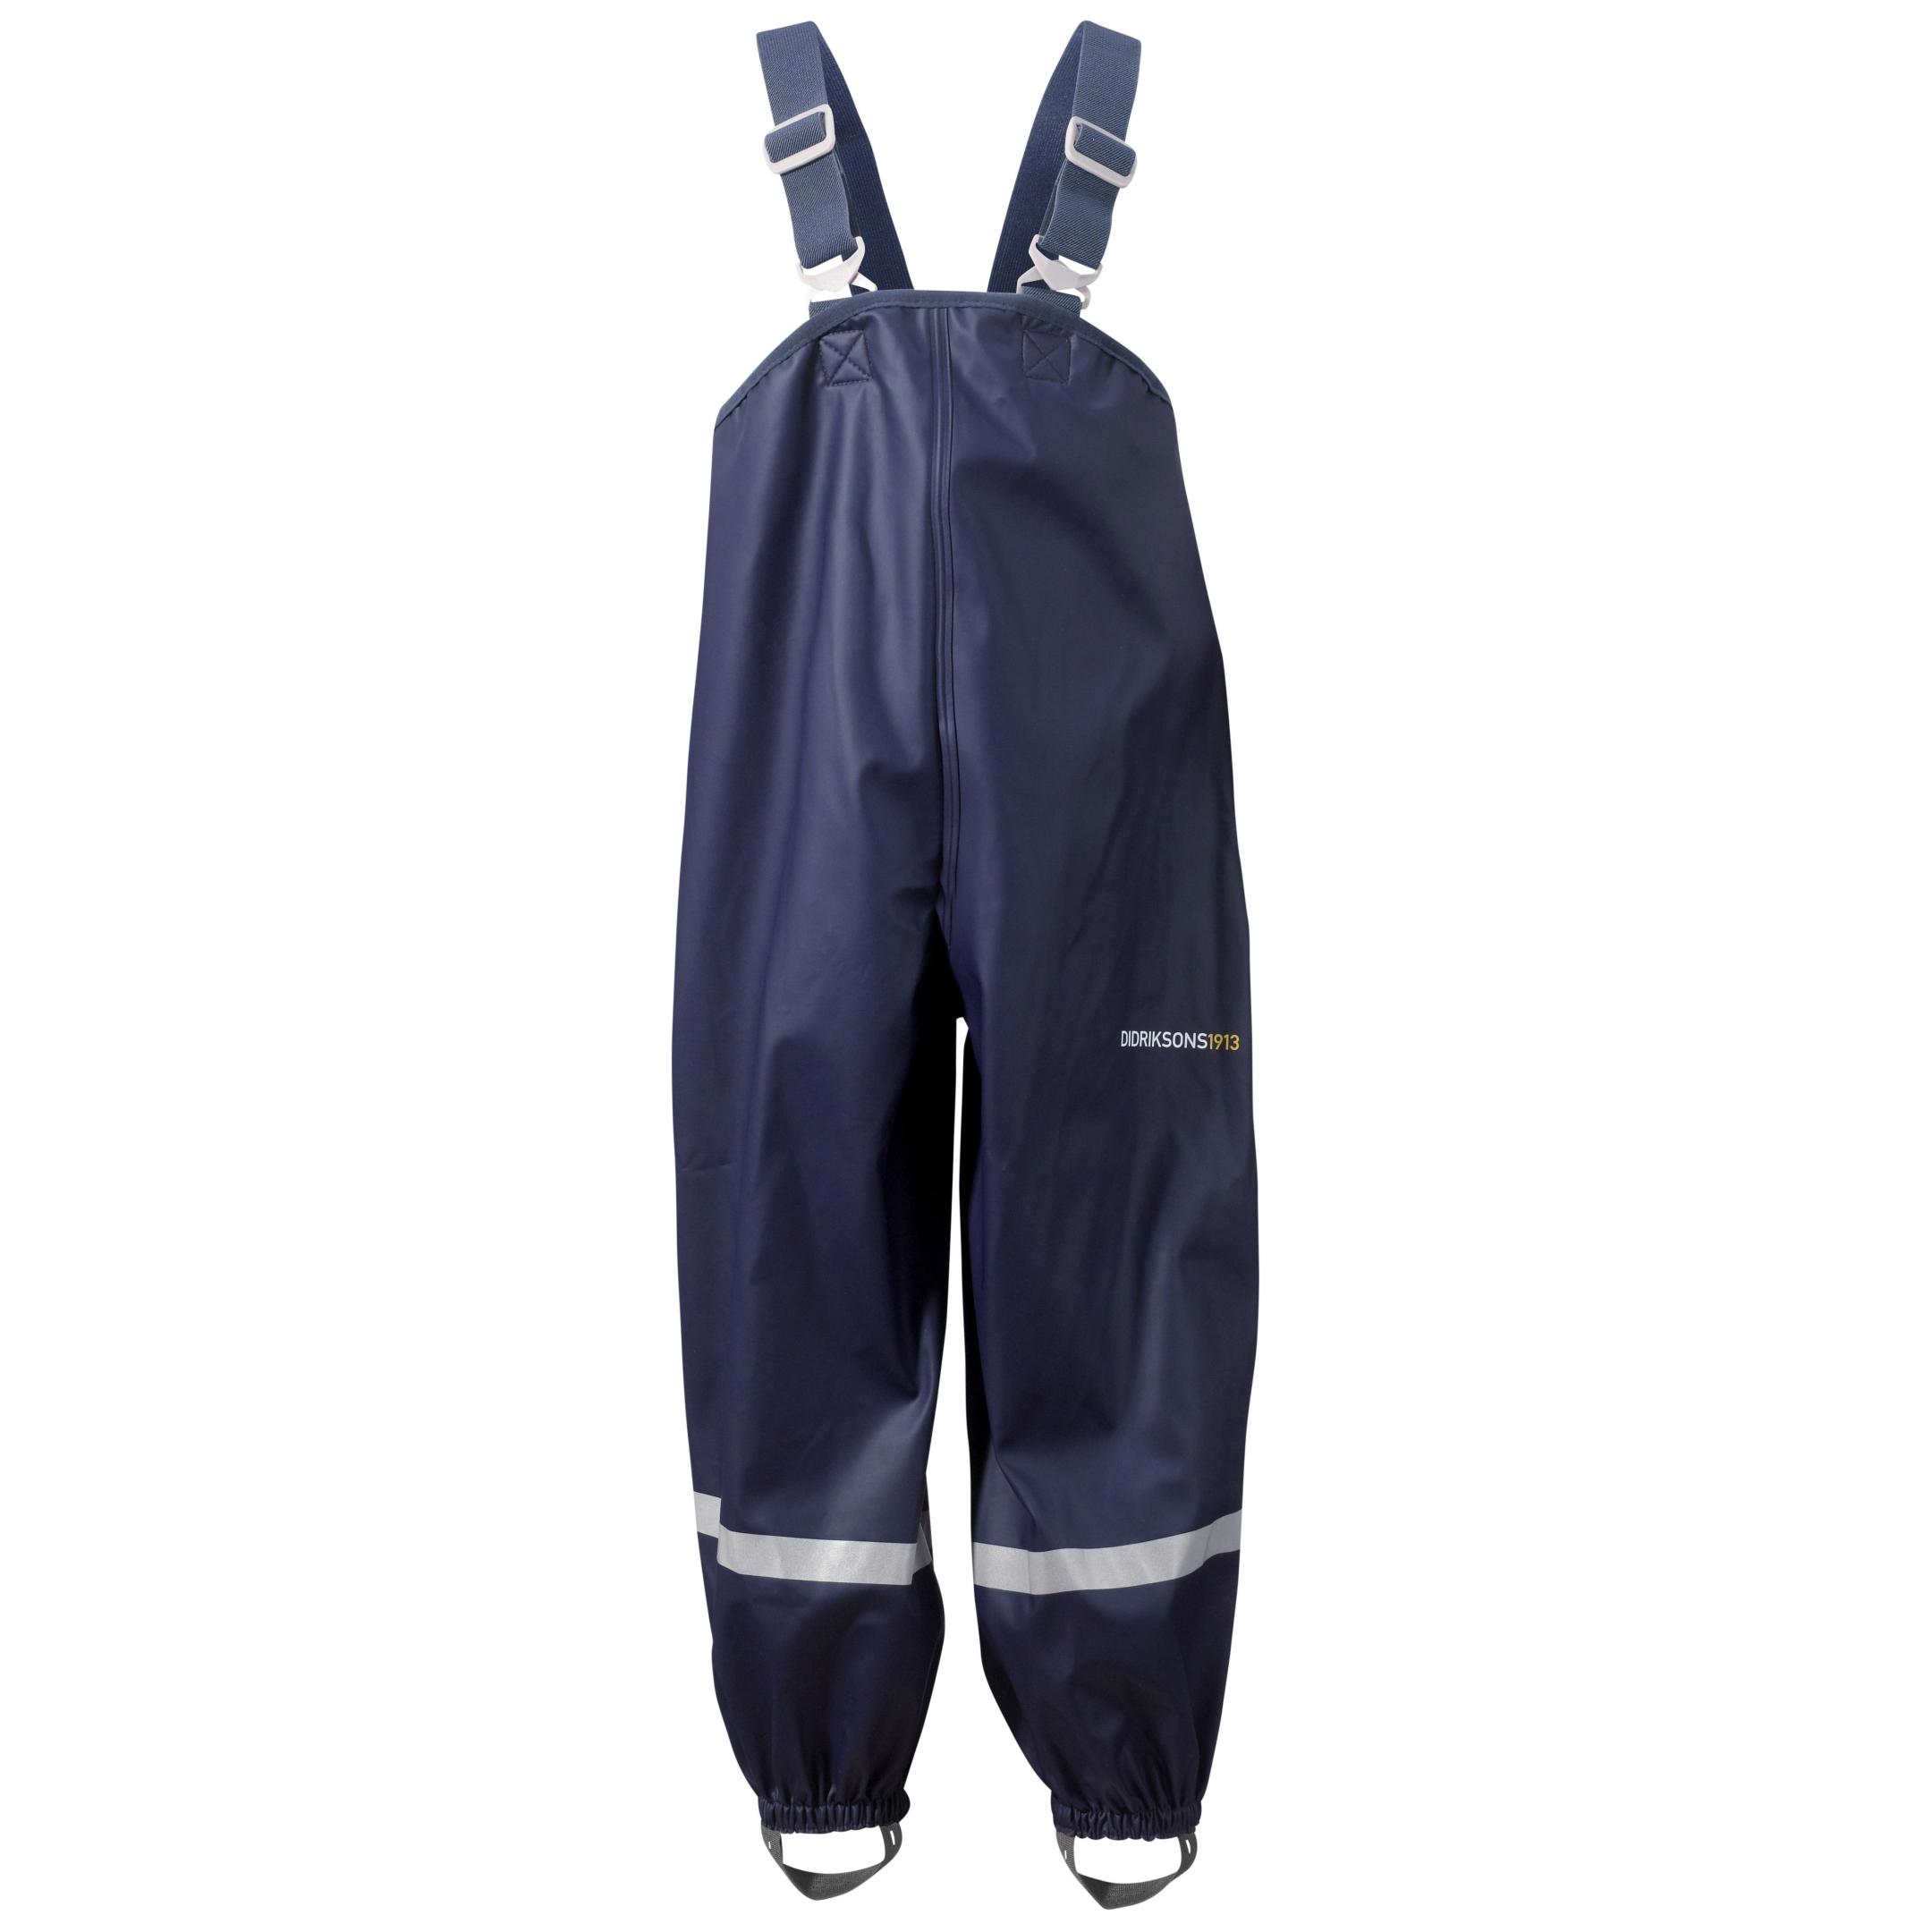 Дидриксон детский костюм дождевой SLASKEMAN + средство для стирки, - фото 6